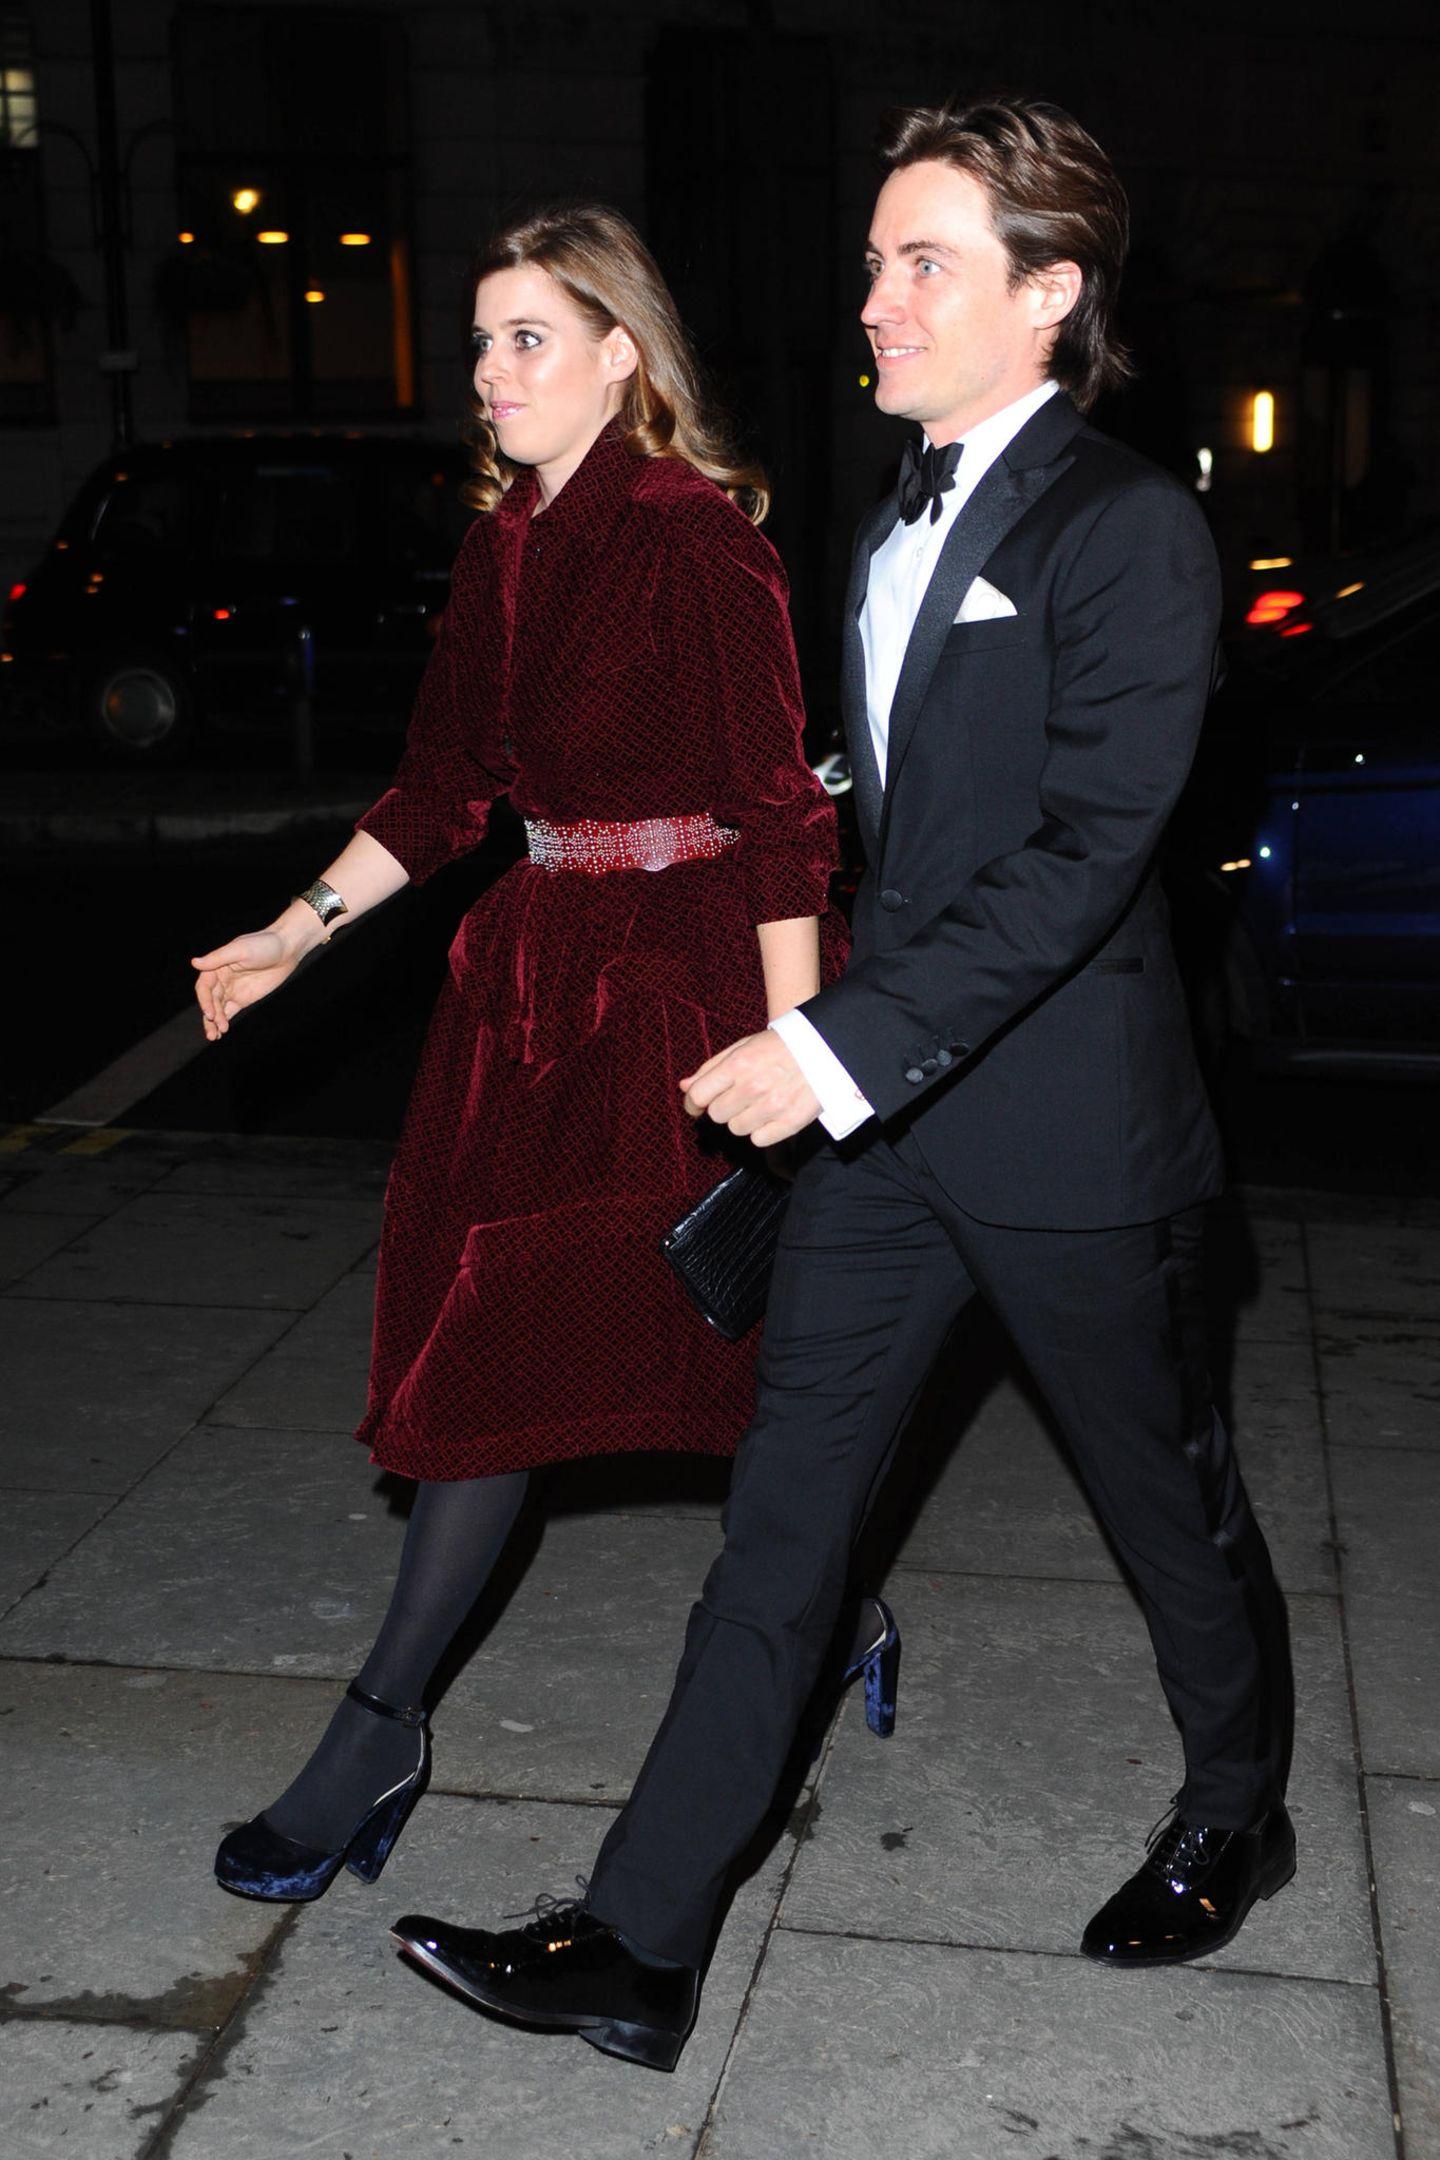 Es ist der erste Red-Carpet-Auftritt mit ihrem neuen FreundEdoardo Mapelli Mozzi. Klar, dass sich Prinzessin Beatrice für die Gala in der National Portrait Gallery in London so richtig in Schale wirft.